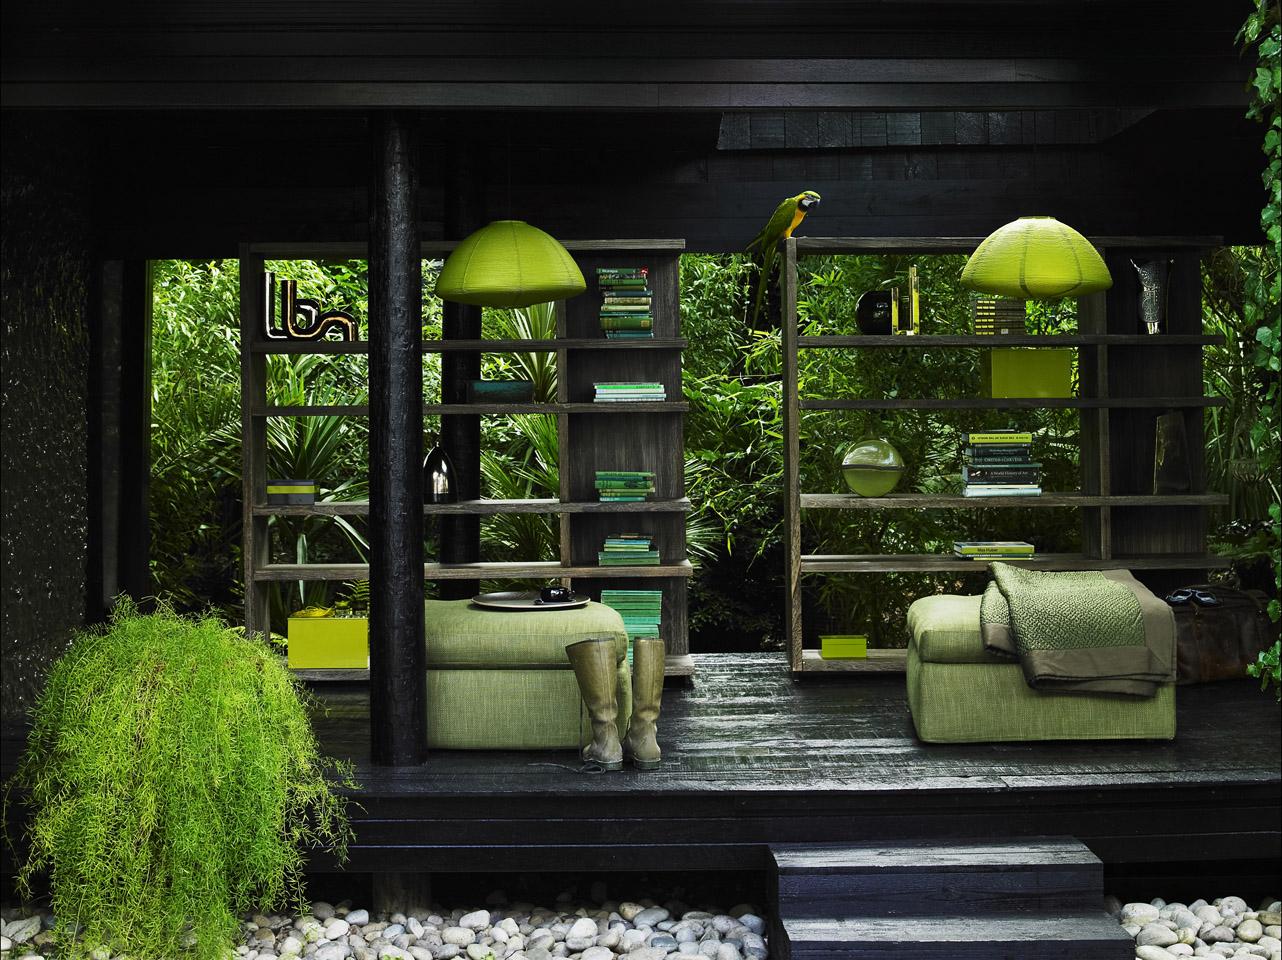 greenshelves.jpg